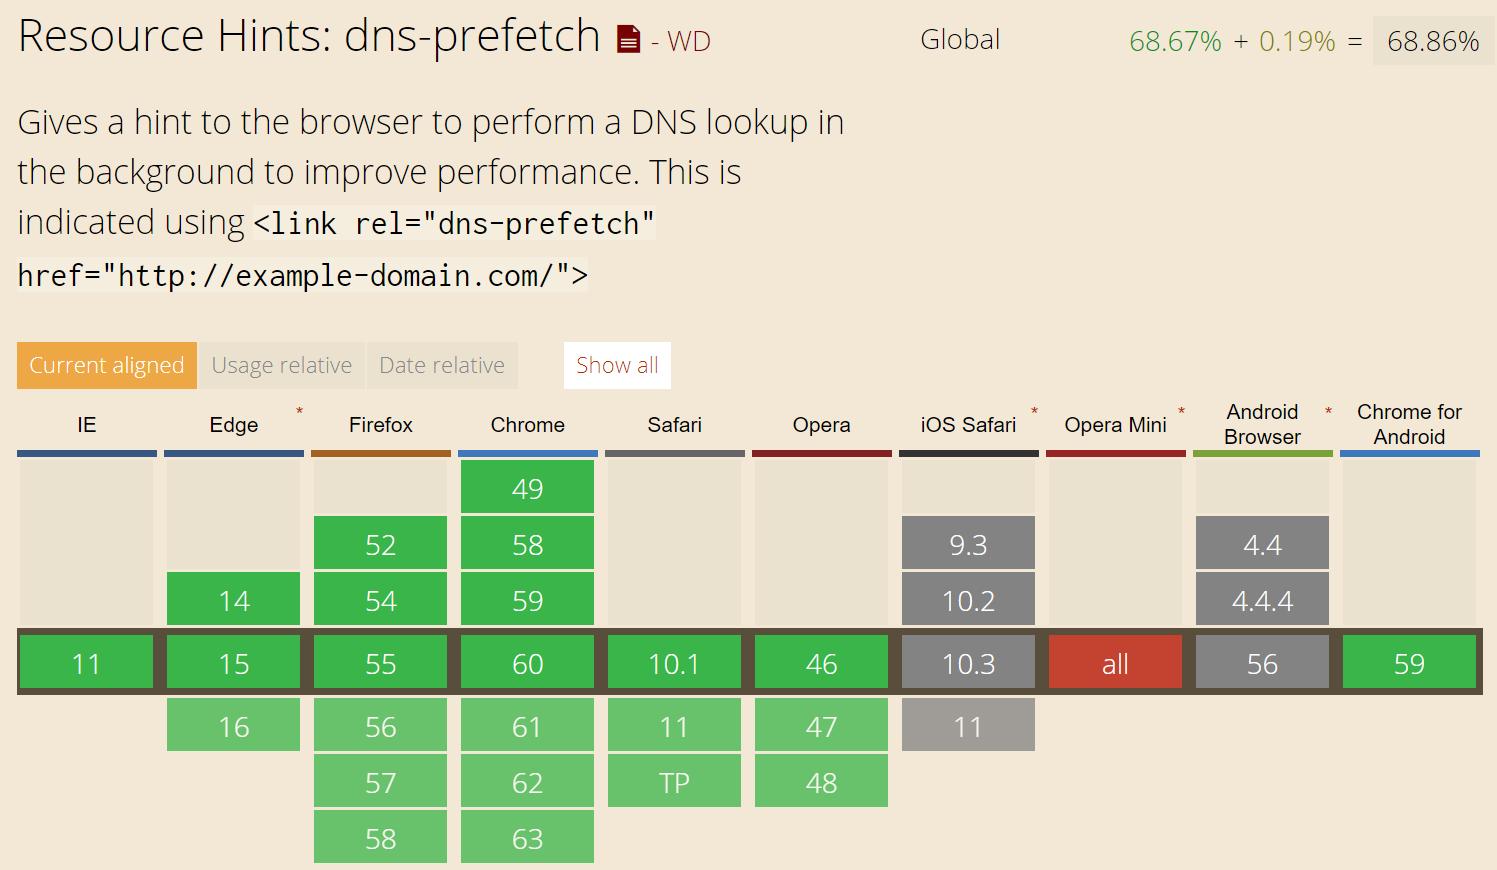 Prise en charge du navigateur de DNS Prefetch